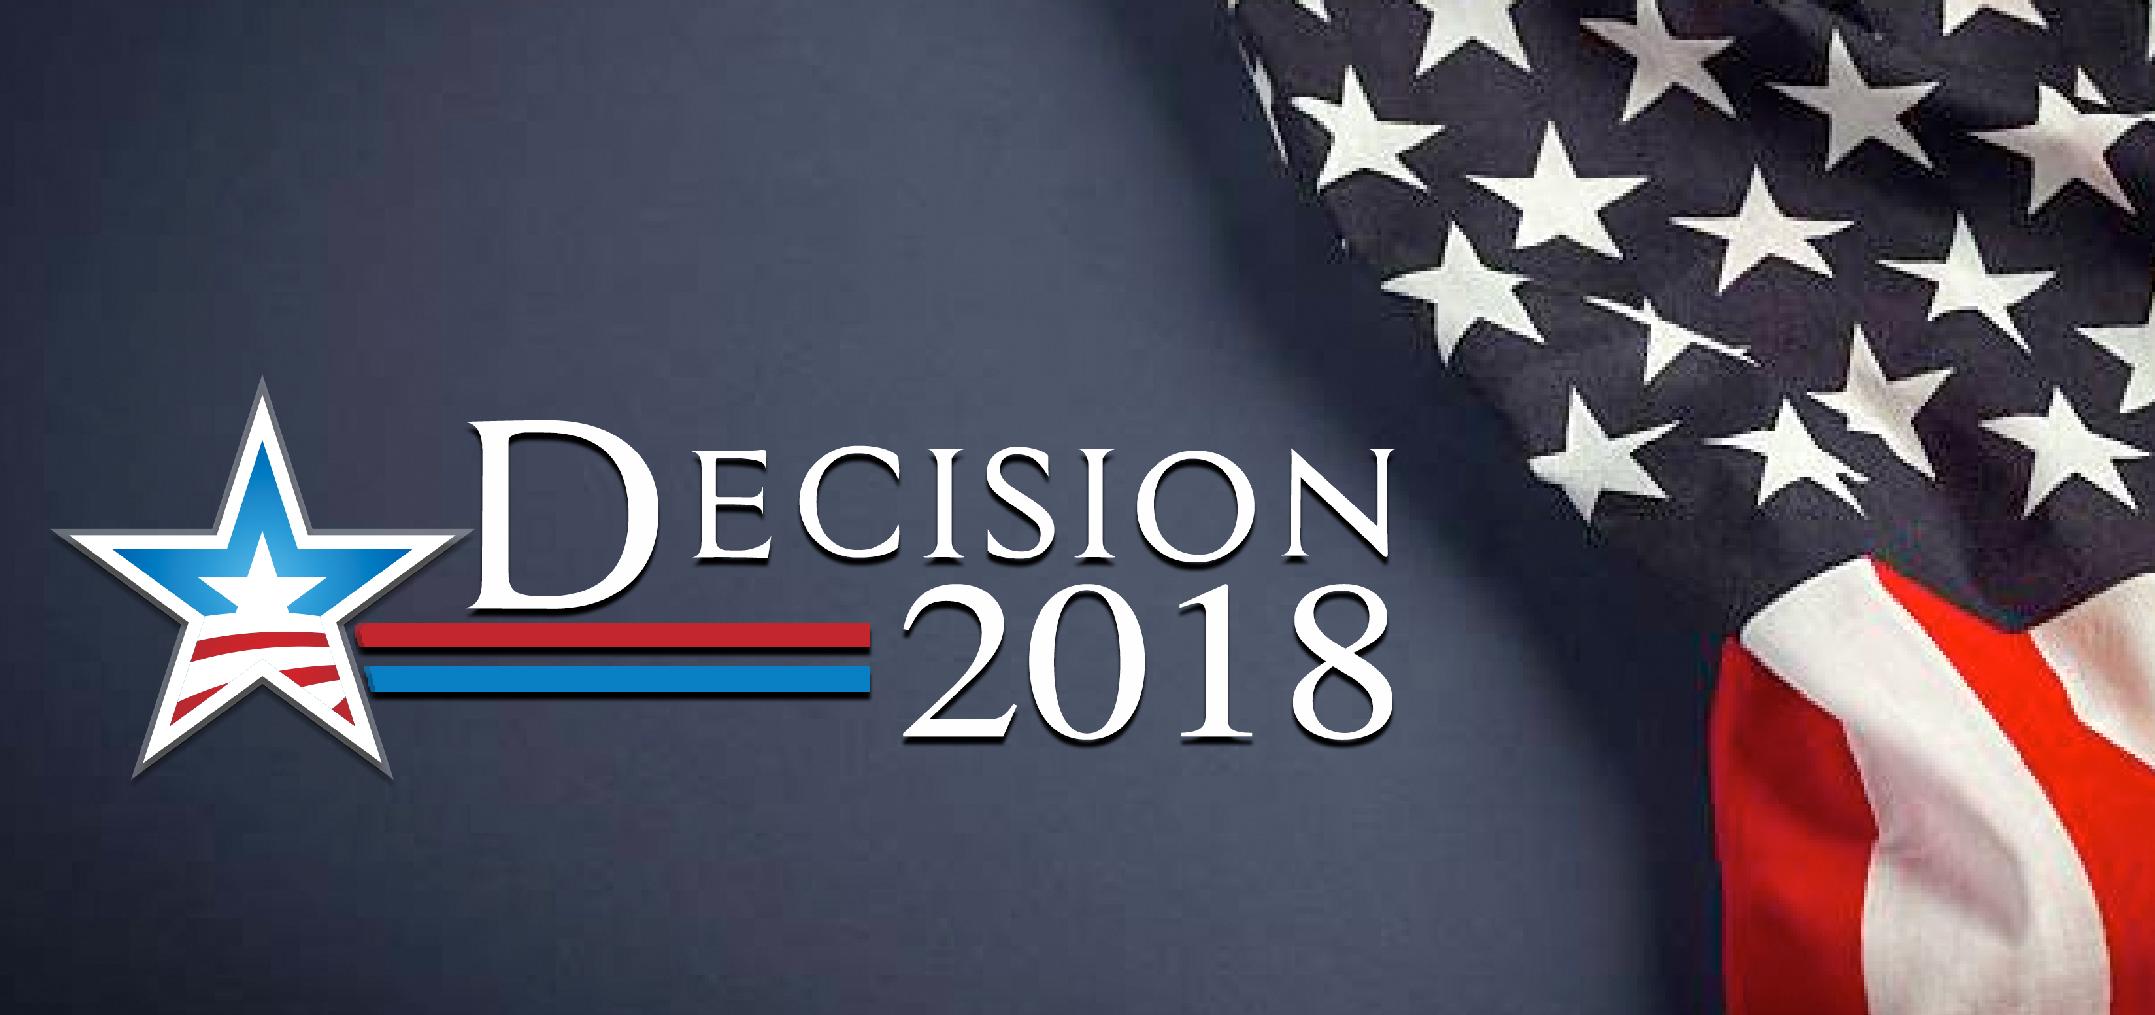 Decision 2018